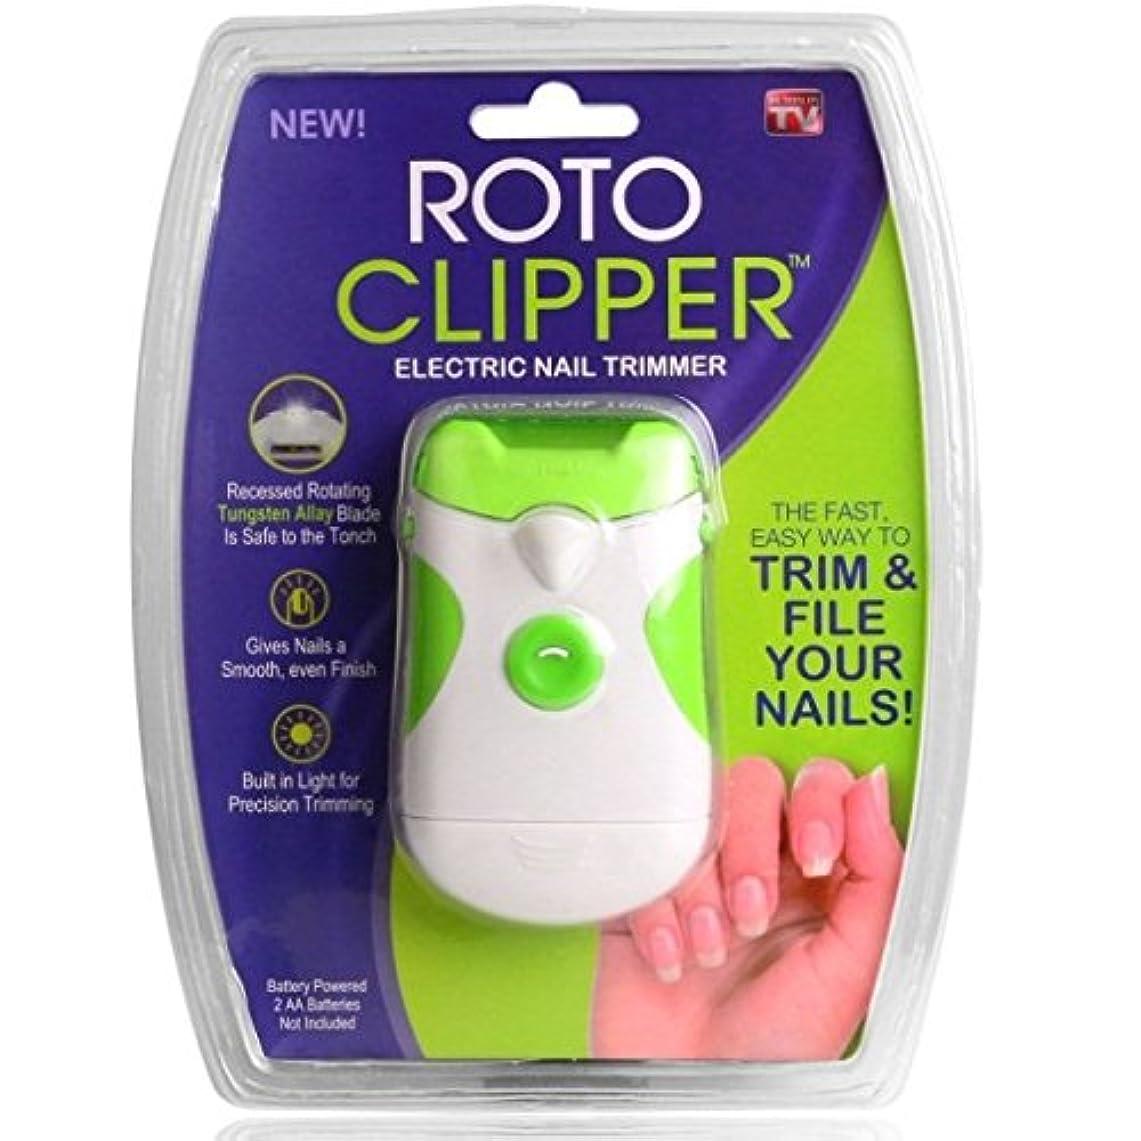 認証祝福場合ROTO 電動 爪やすり 爪切り 巻き爪 ネイルケア 爪のトラブル 電池式 LEDライト付き 【並行輸入品】